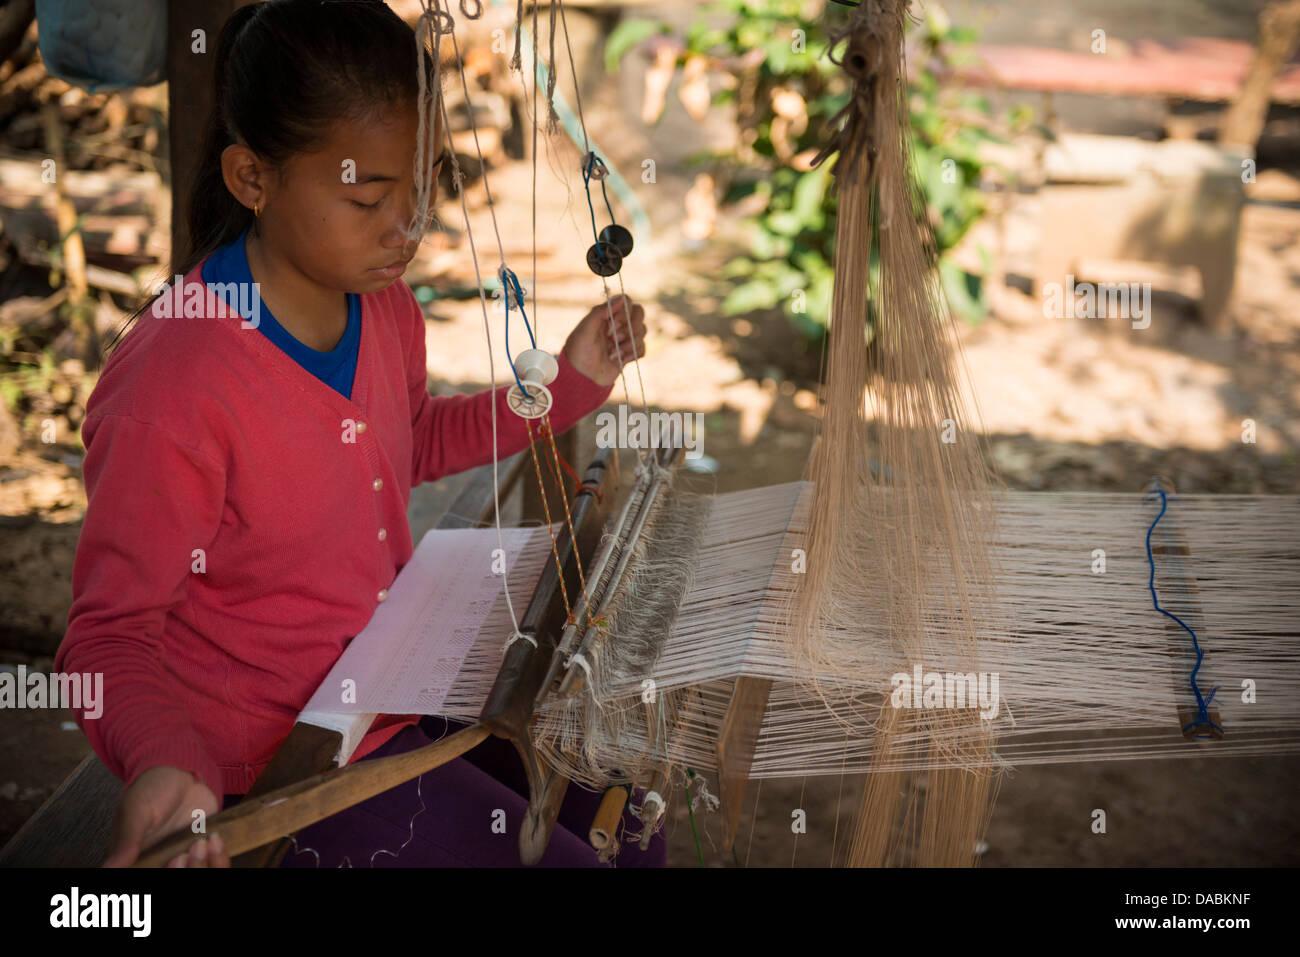 Tejiendo aldea de Ban Phanom, Luang Prabang, Laos, Indochina, en el sudeste de Asia, Asia Imagen De Stock